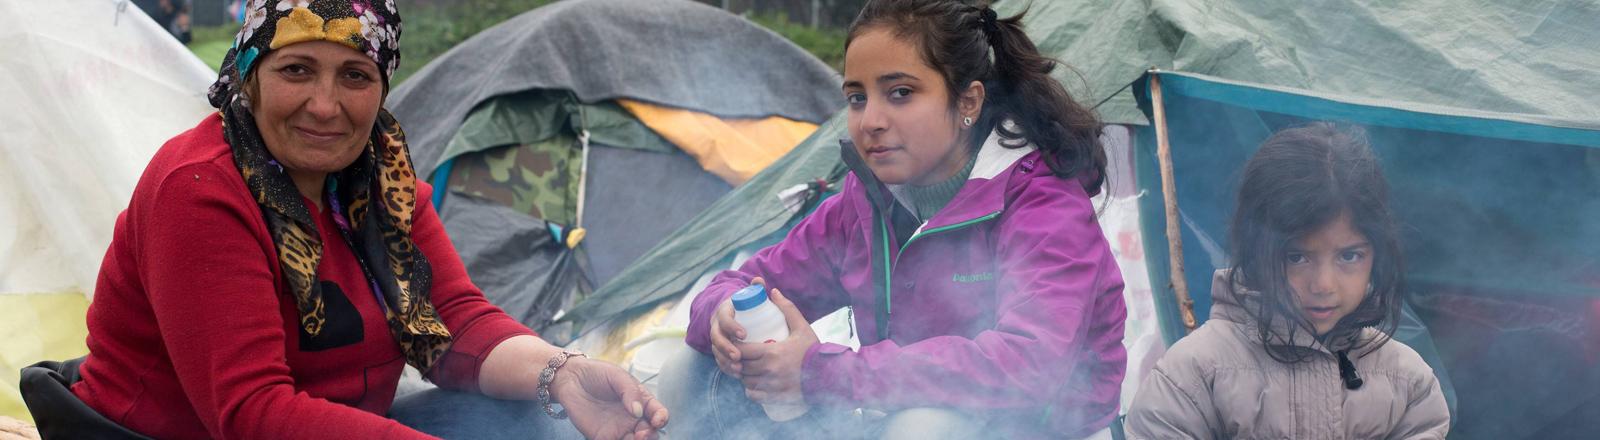 Eine irakische Mutter und ihre beiden Töchter sitzen an einer Feuerstelle im Camp von Idomeni und kochen.